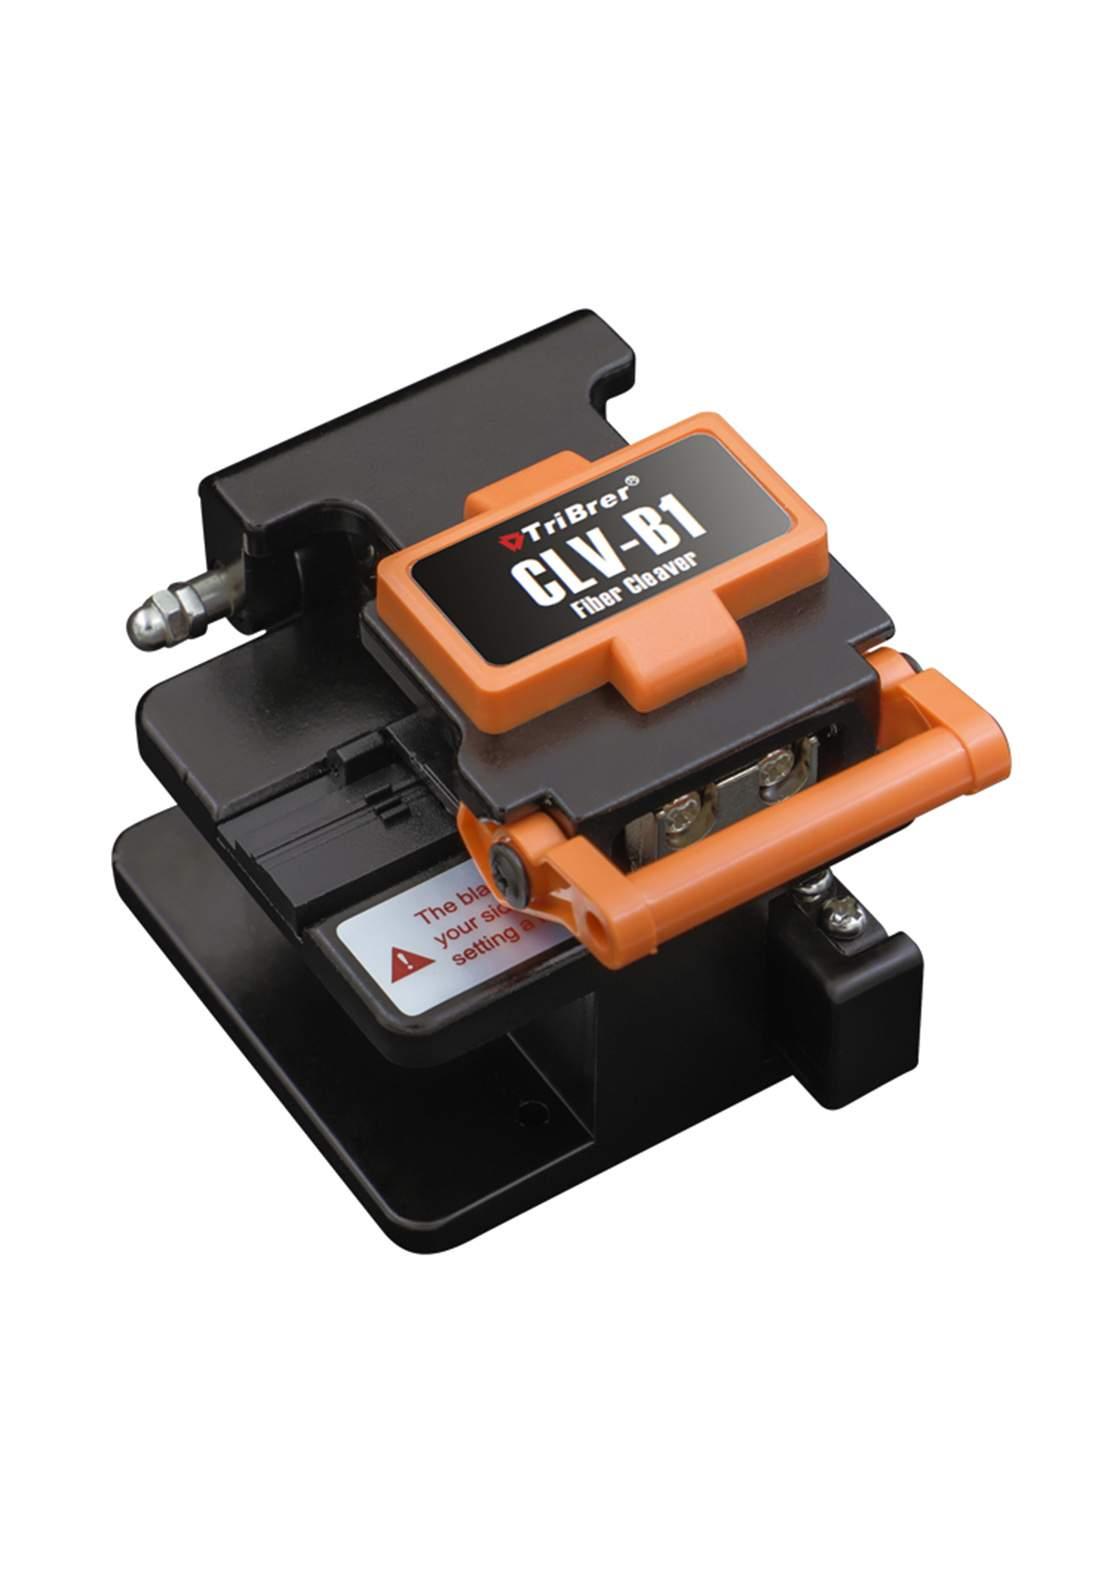 TriBrer Fiber CLV-B1  Cleaver - Black قاطعة شعيرات